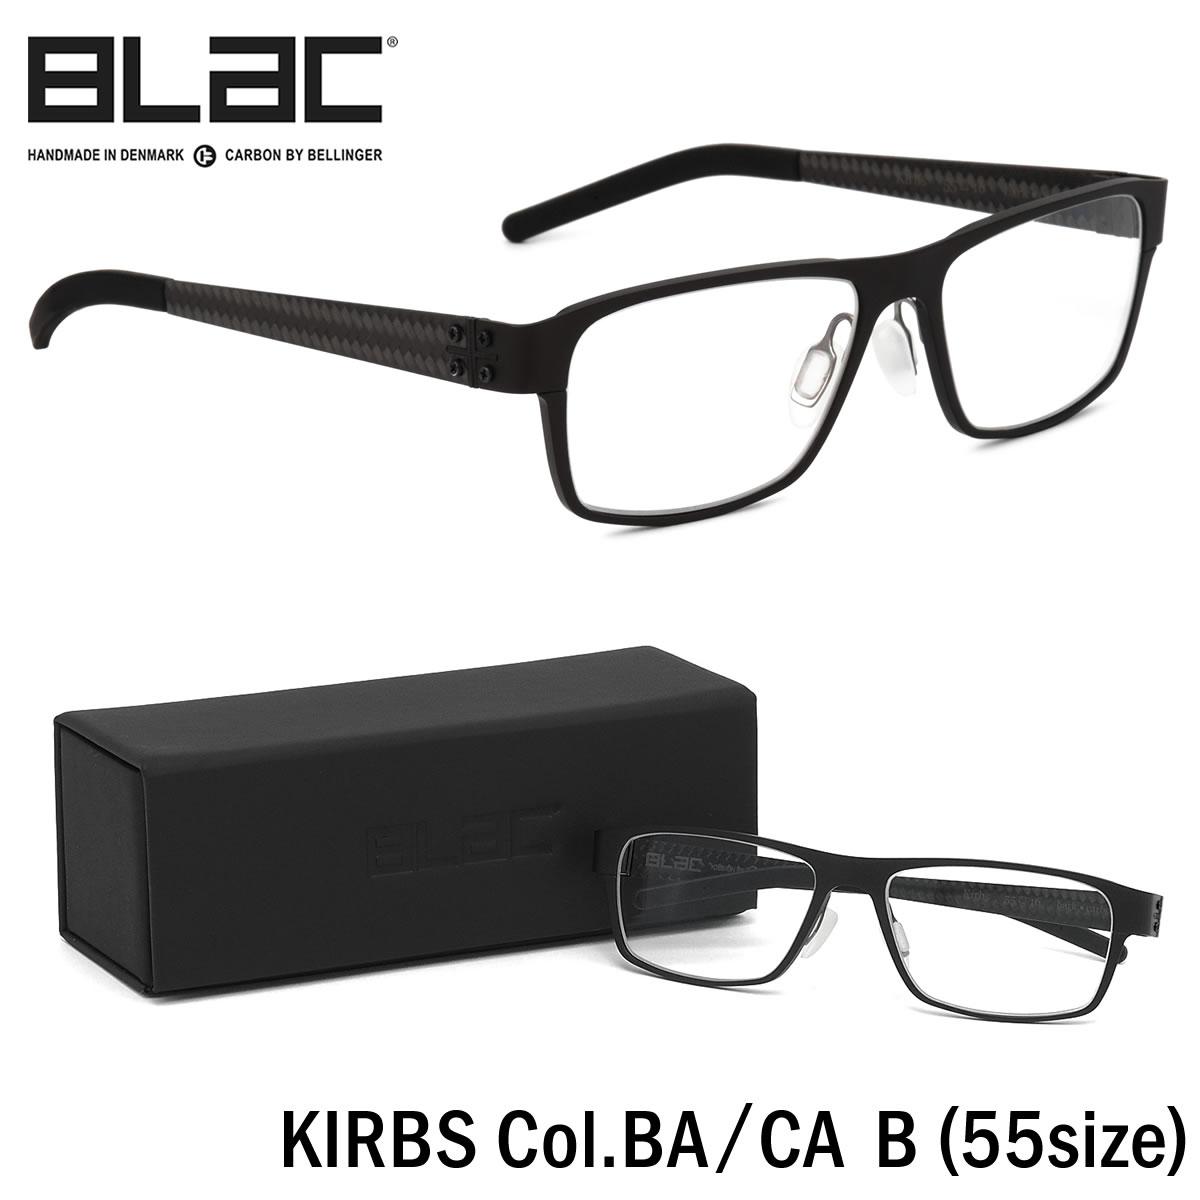 【10月30日からエントリーで全品ポイント20倍】ブラック BLaC メガネKIRBS BA/CA B 55サイズKIRBS カーボンファイバー CARBON FIBER ハイブリッド ALU アル アルミニウムブラック BLaC メンズ レディース